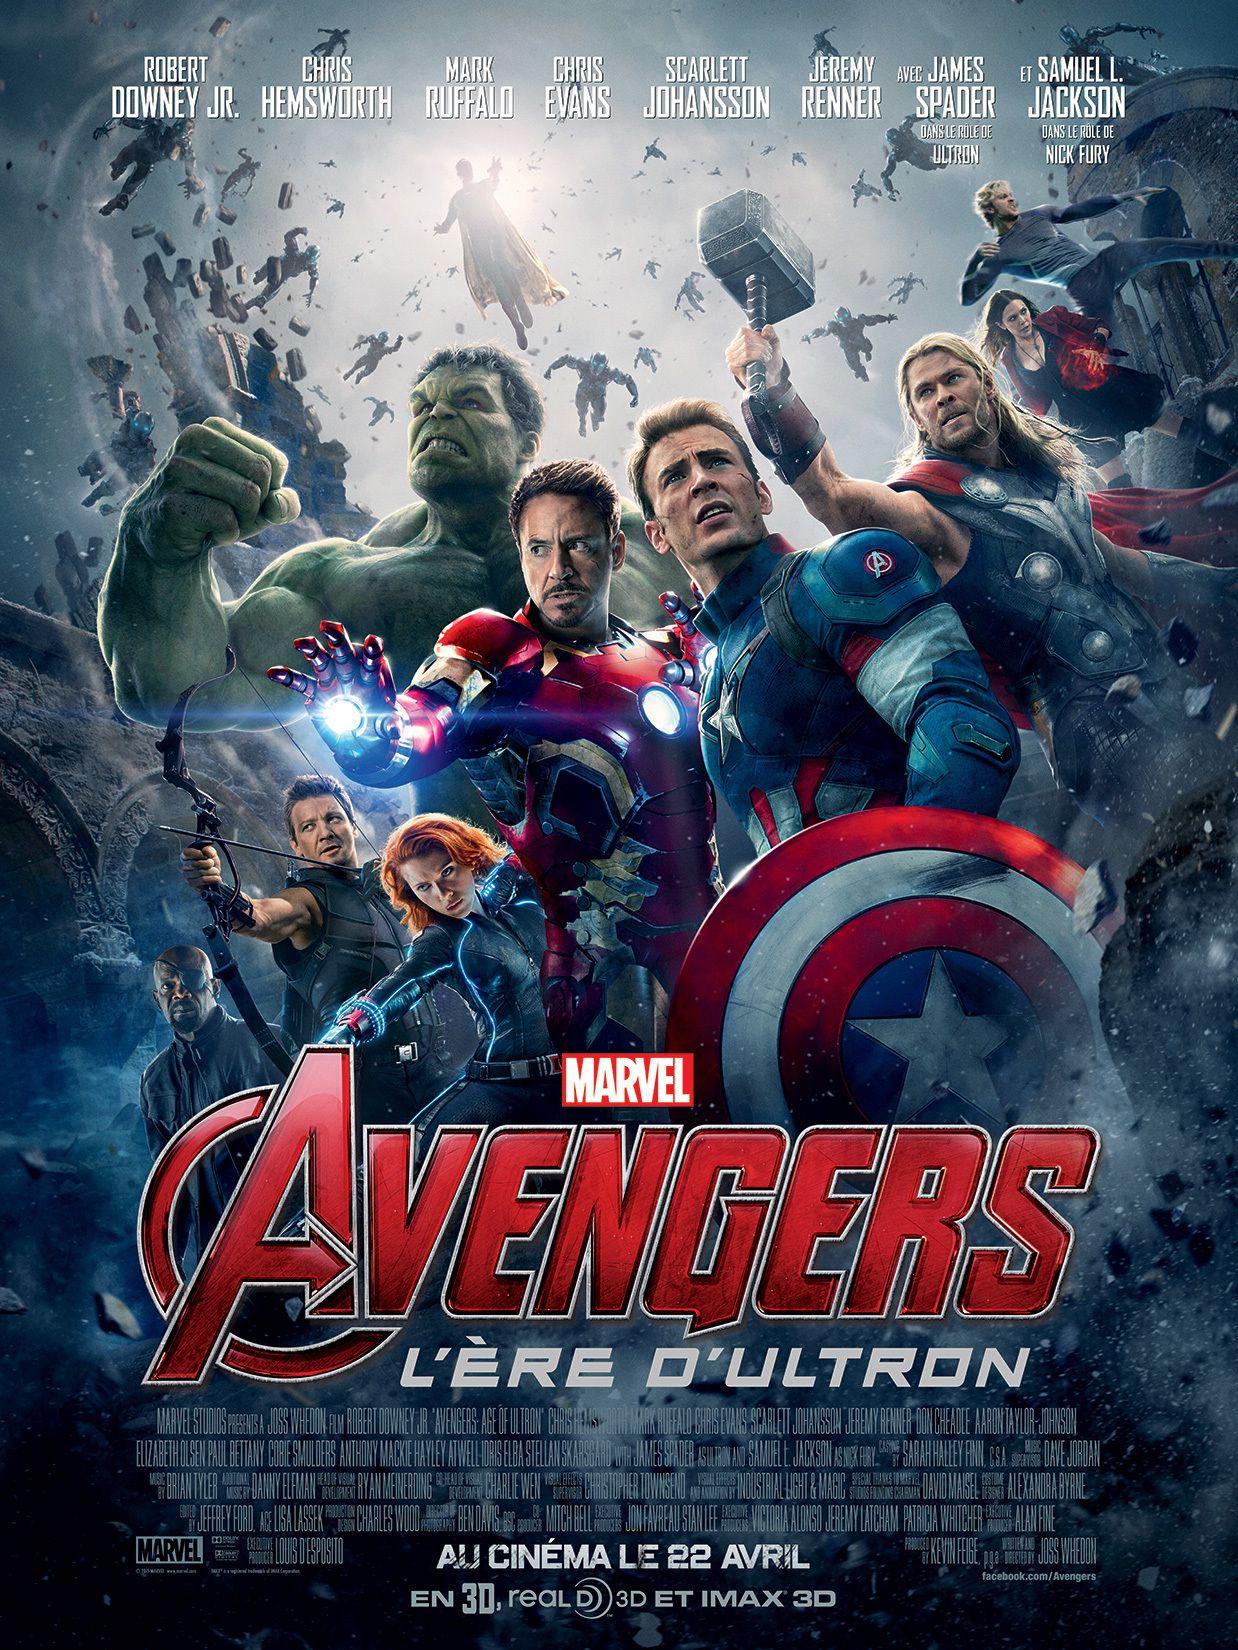 Avengers : L'Ère d'Ultron - Film (2015)